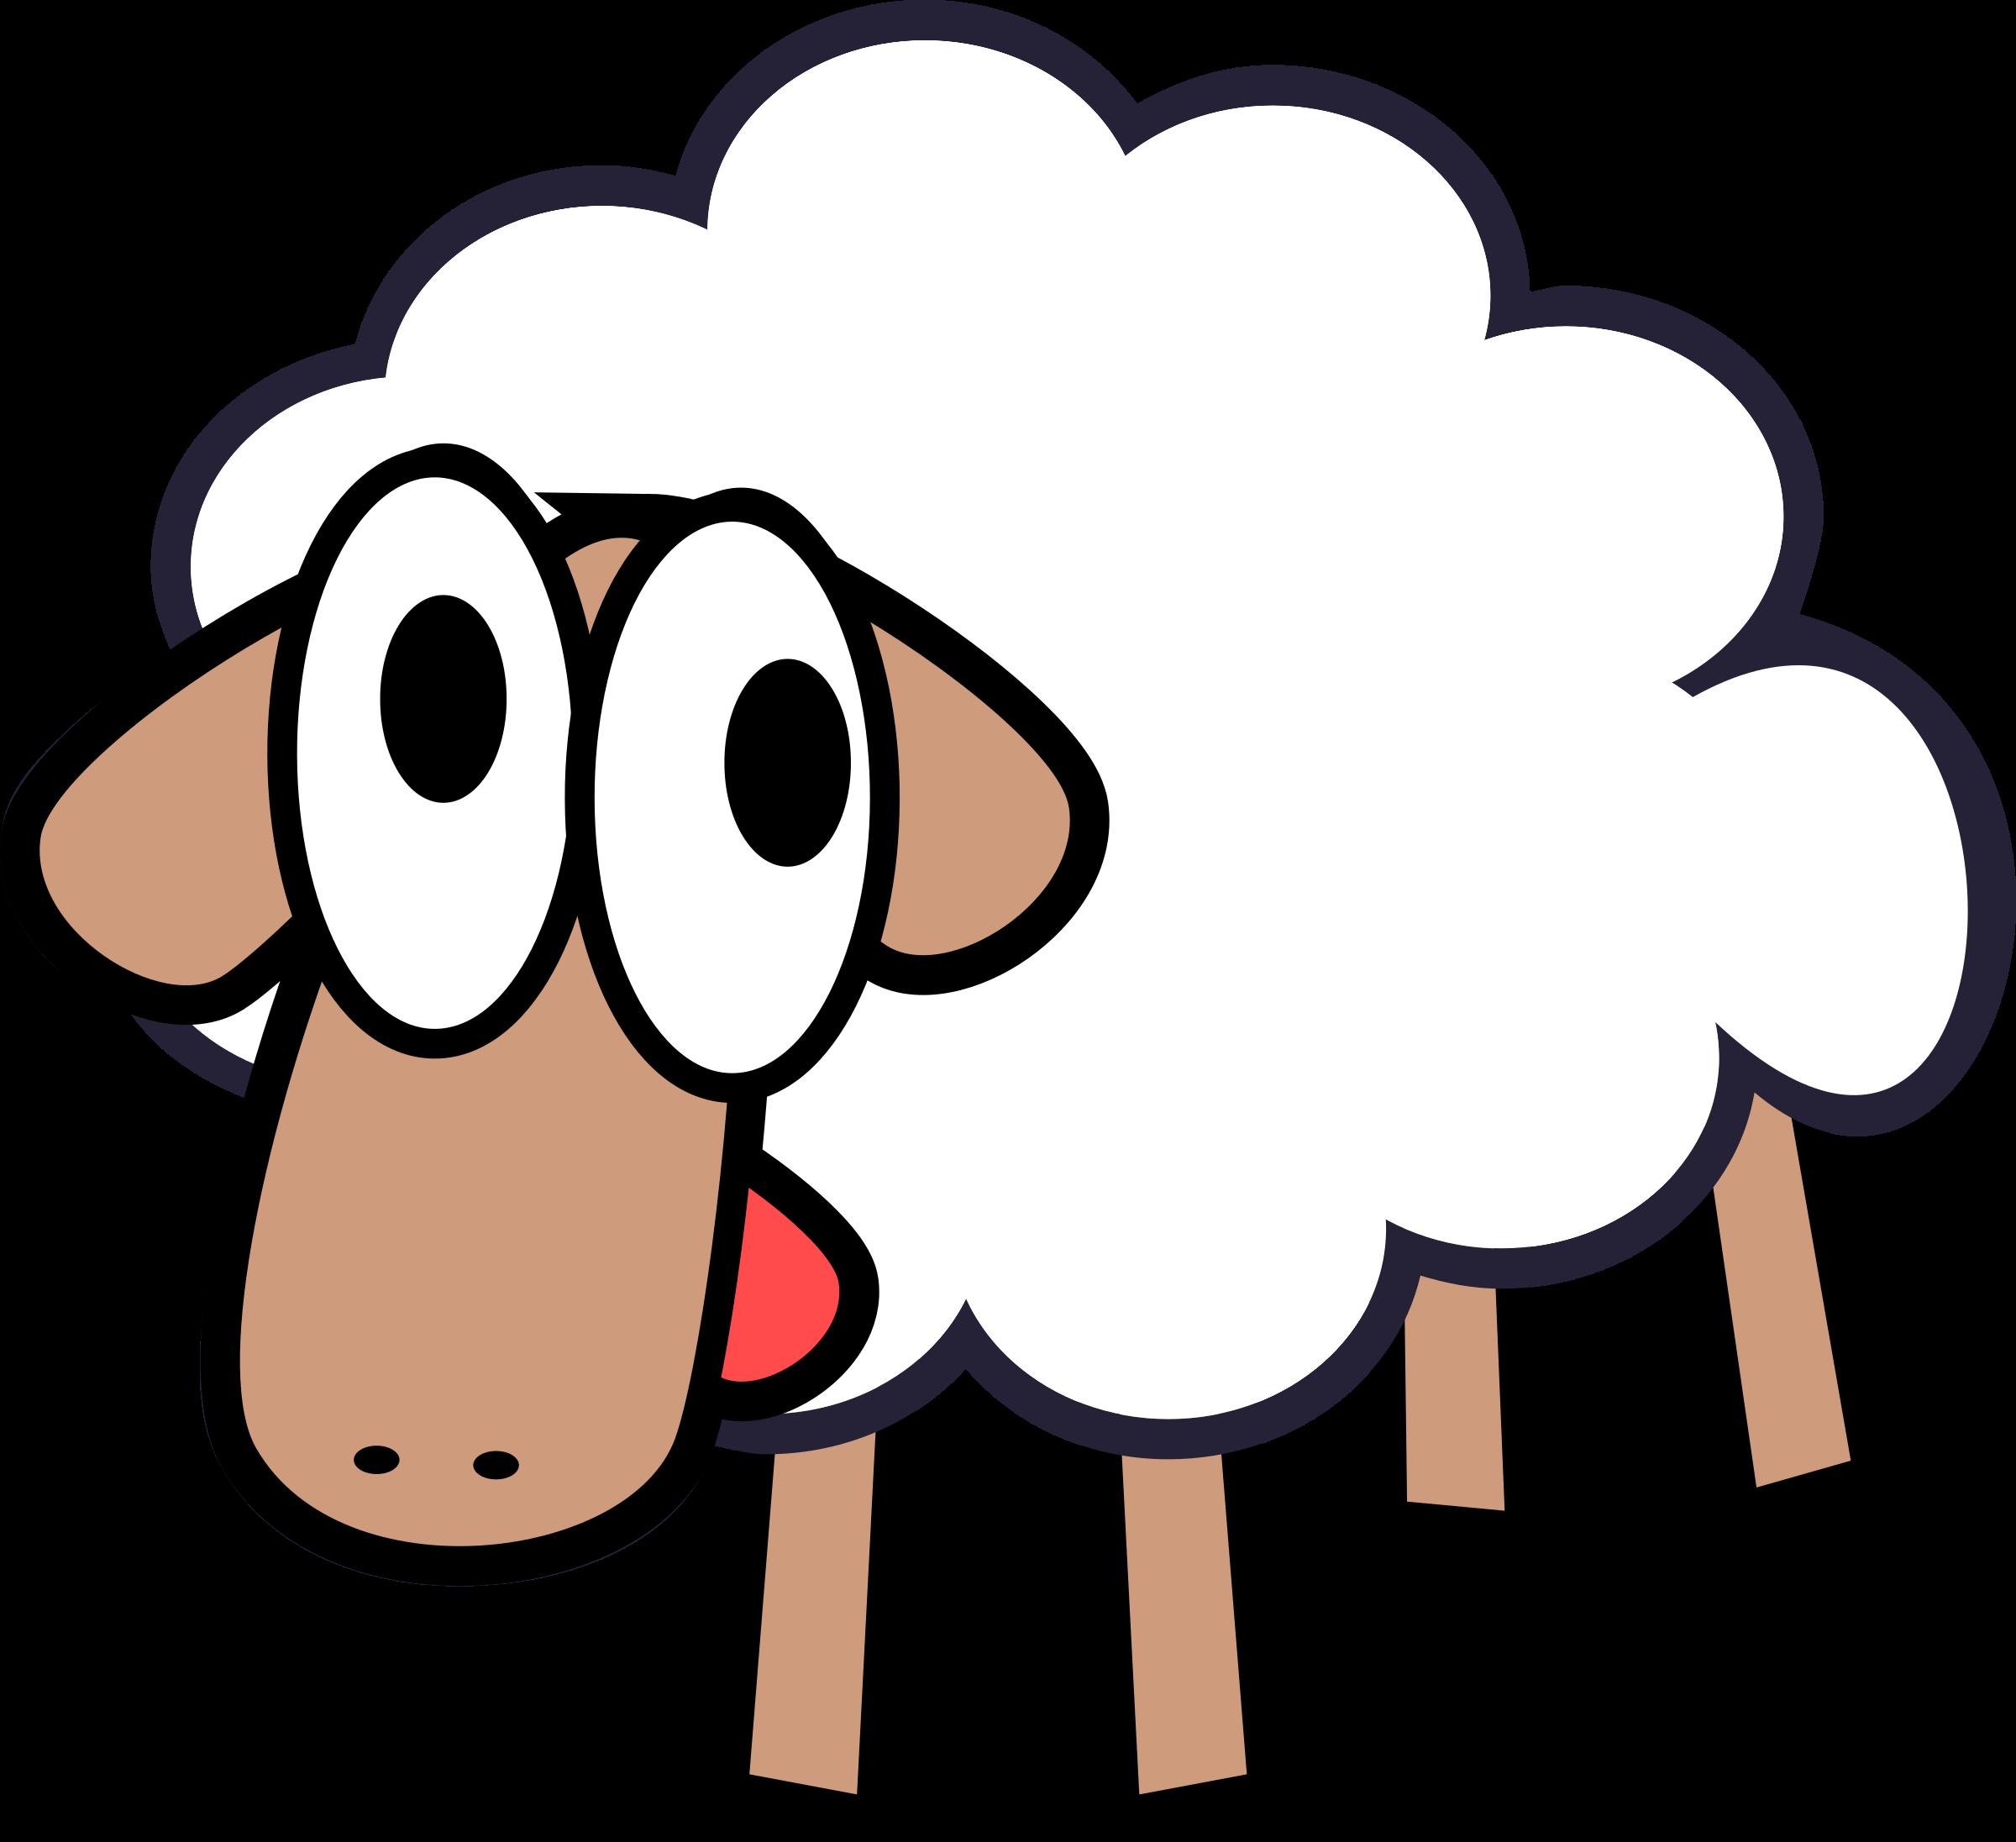 lamb clip art cartoon - photo #5